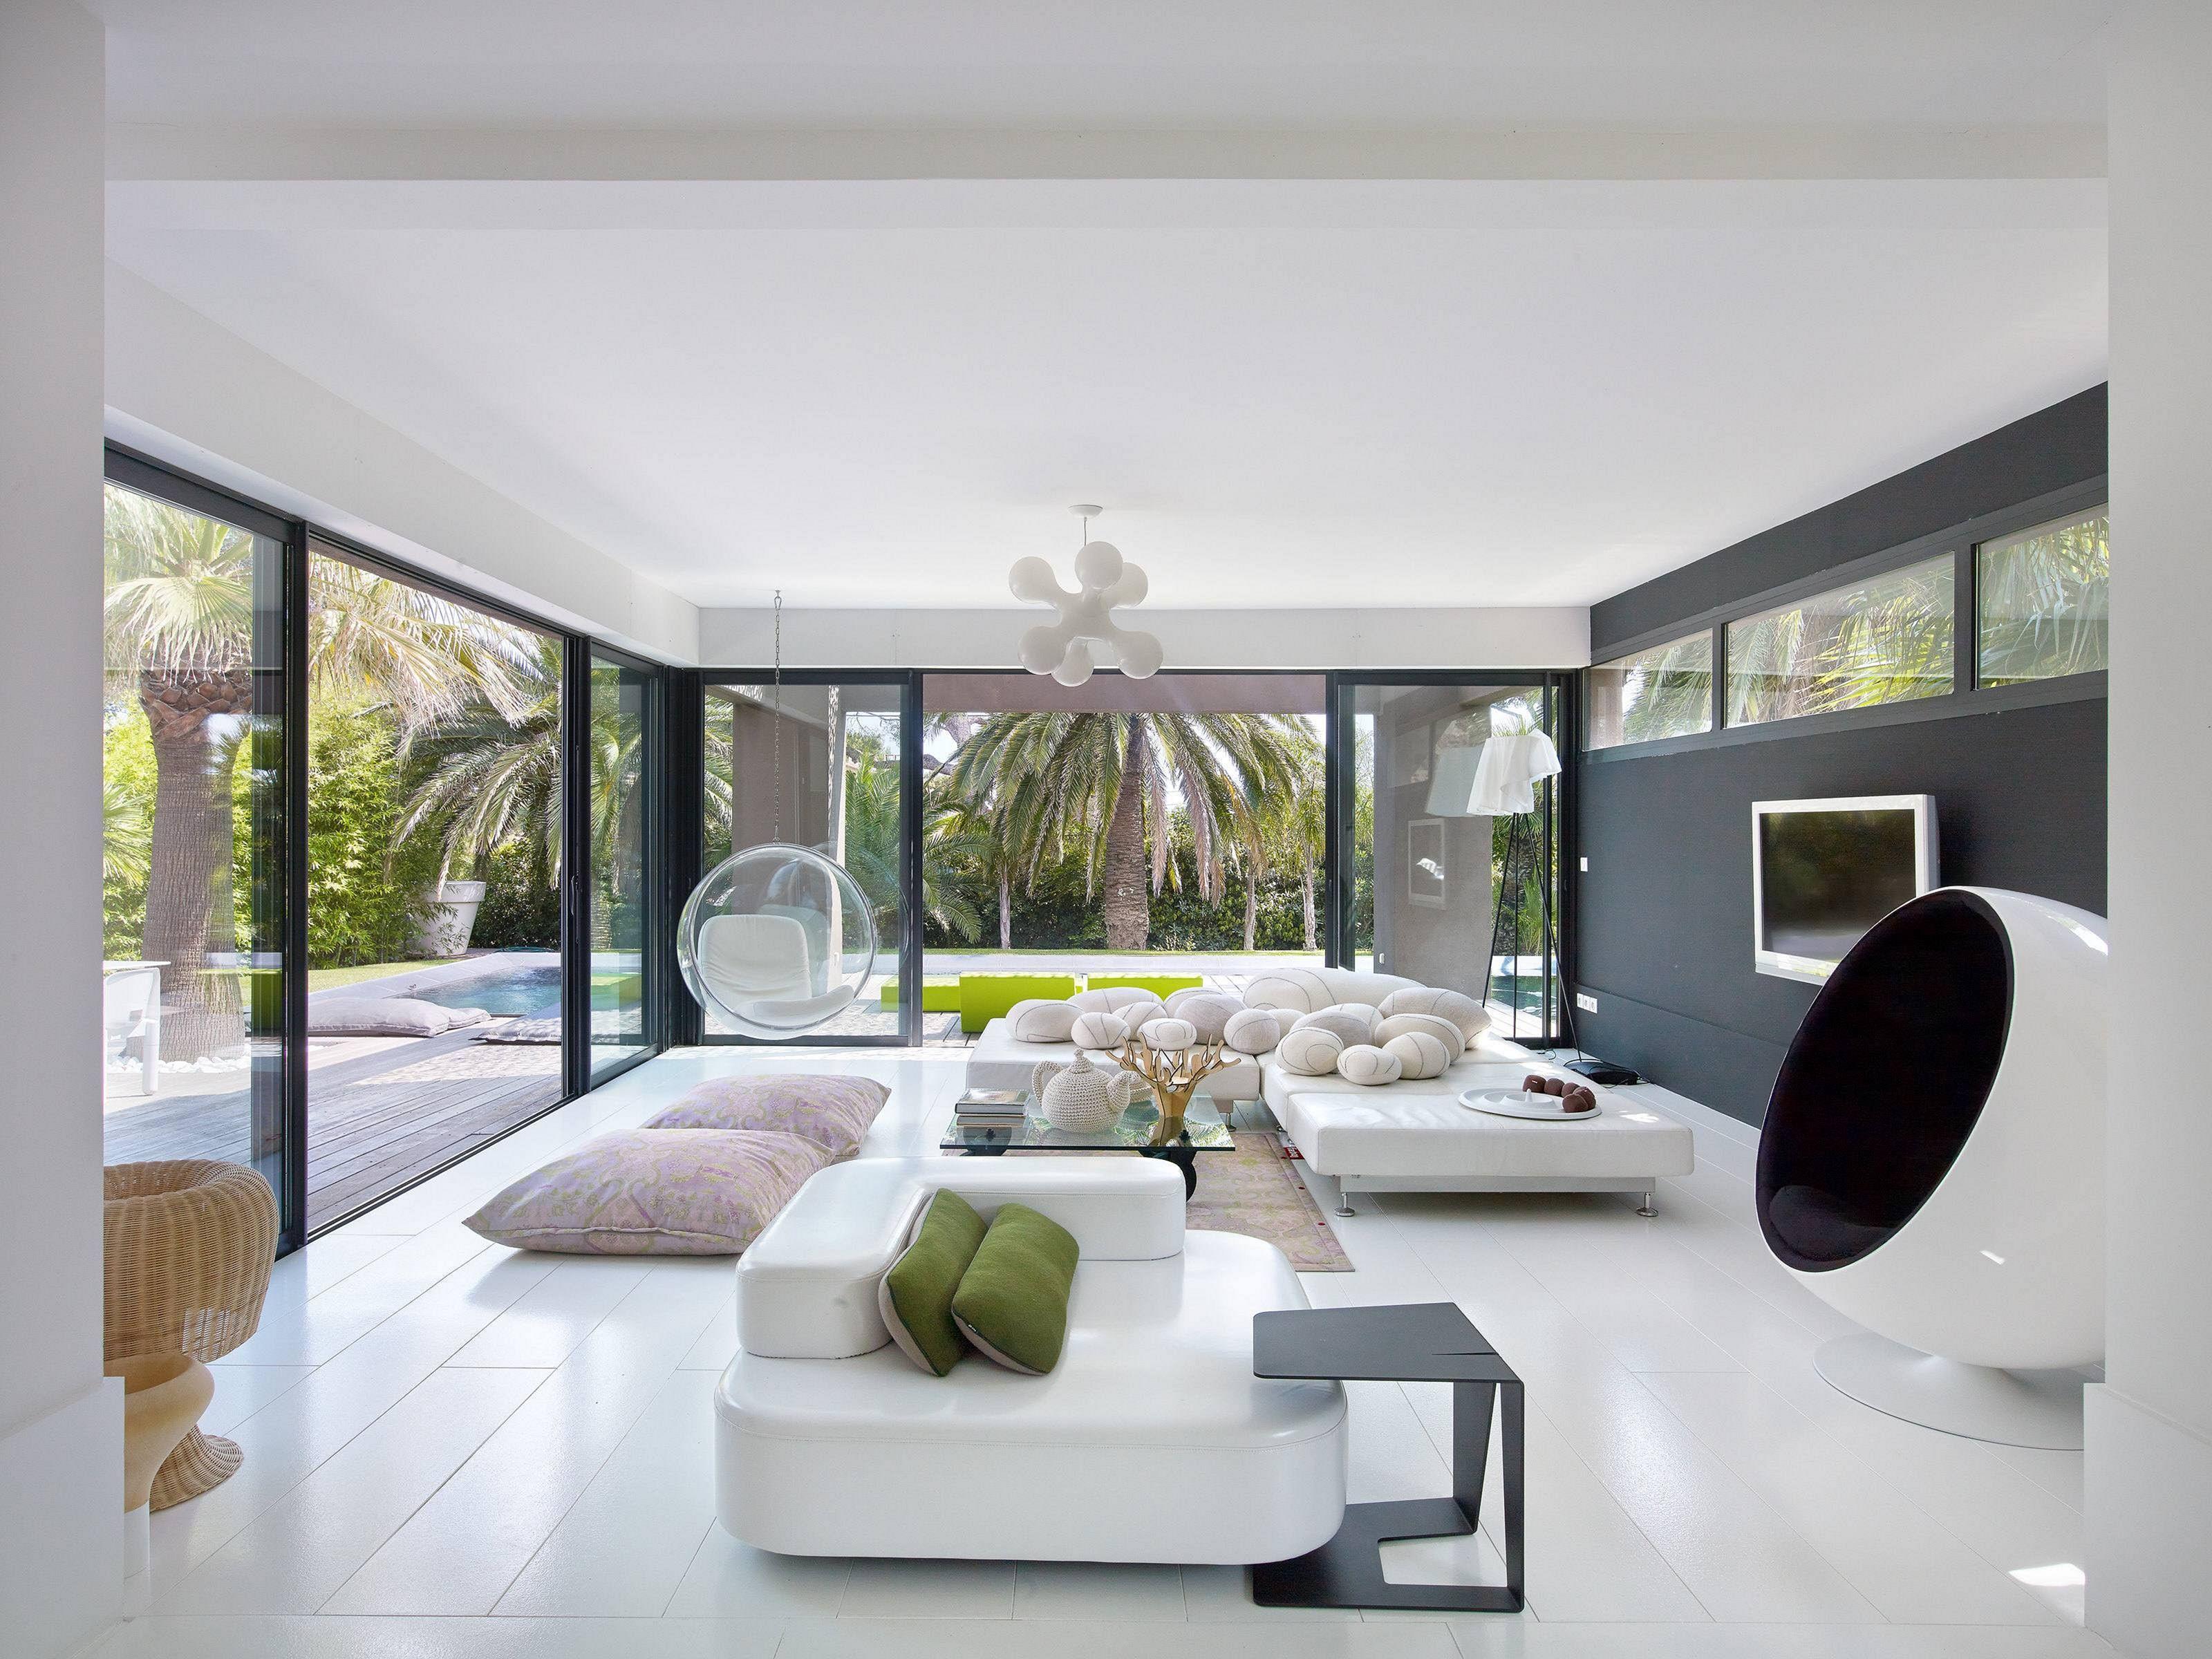 Living room ideas villa